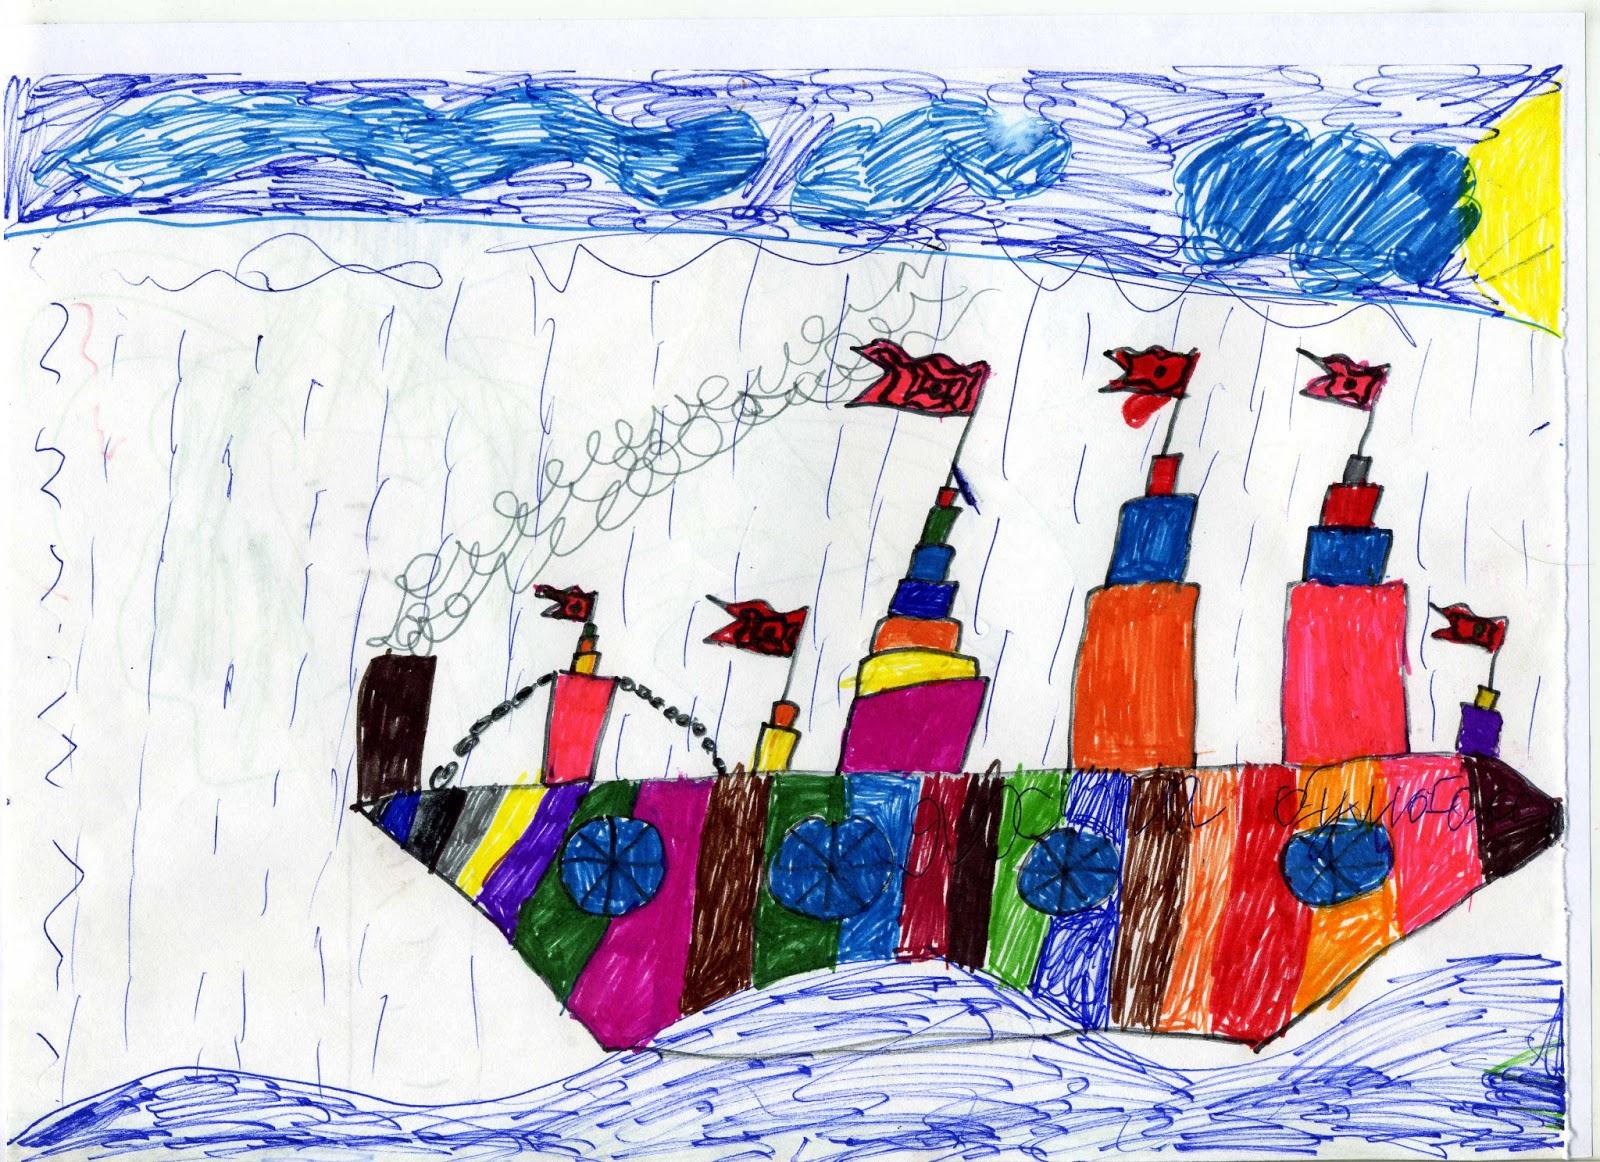 моряки отправляются в плавание